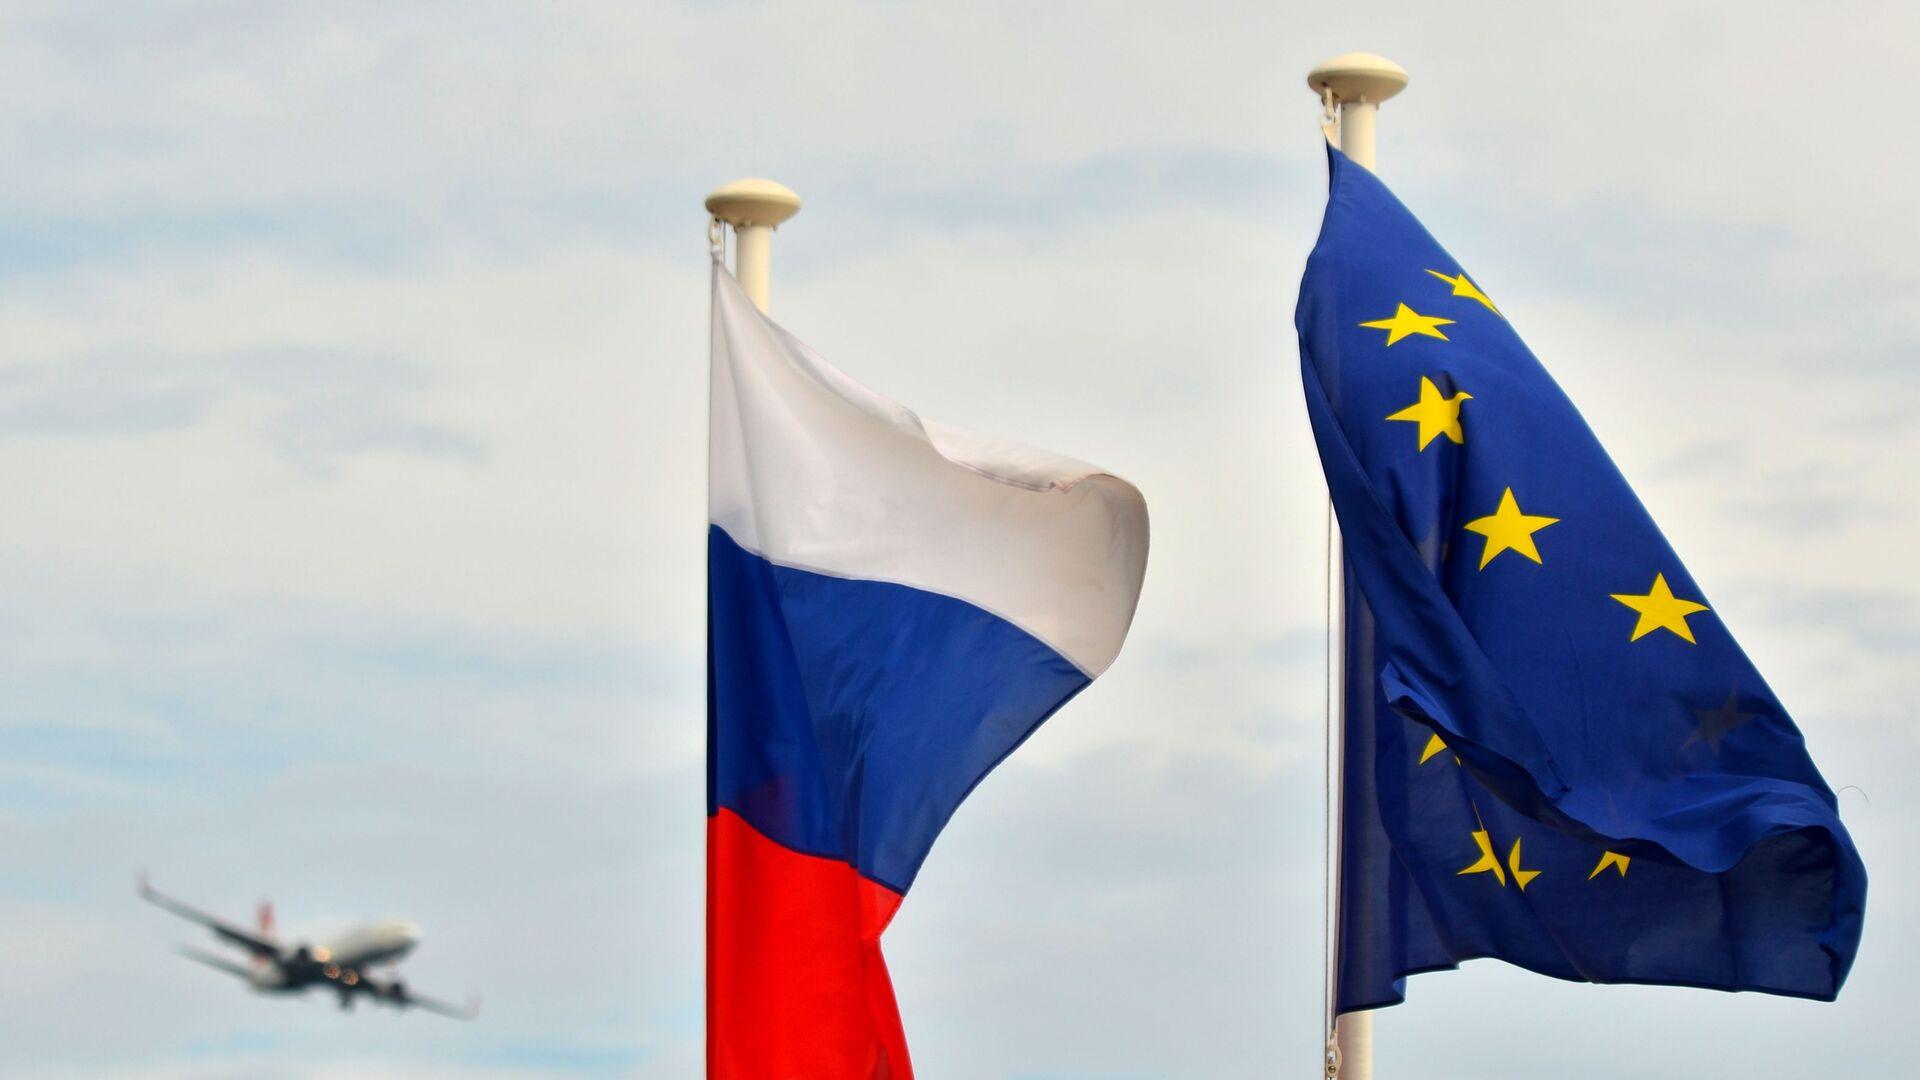 Флаги России и ЕС  - Sputnik Таджикистан, 1920, 20.02.2021